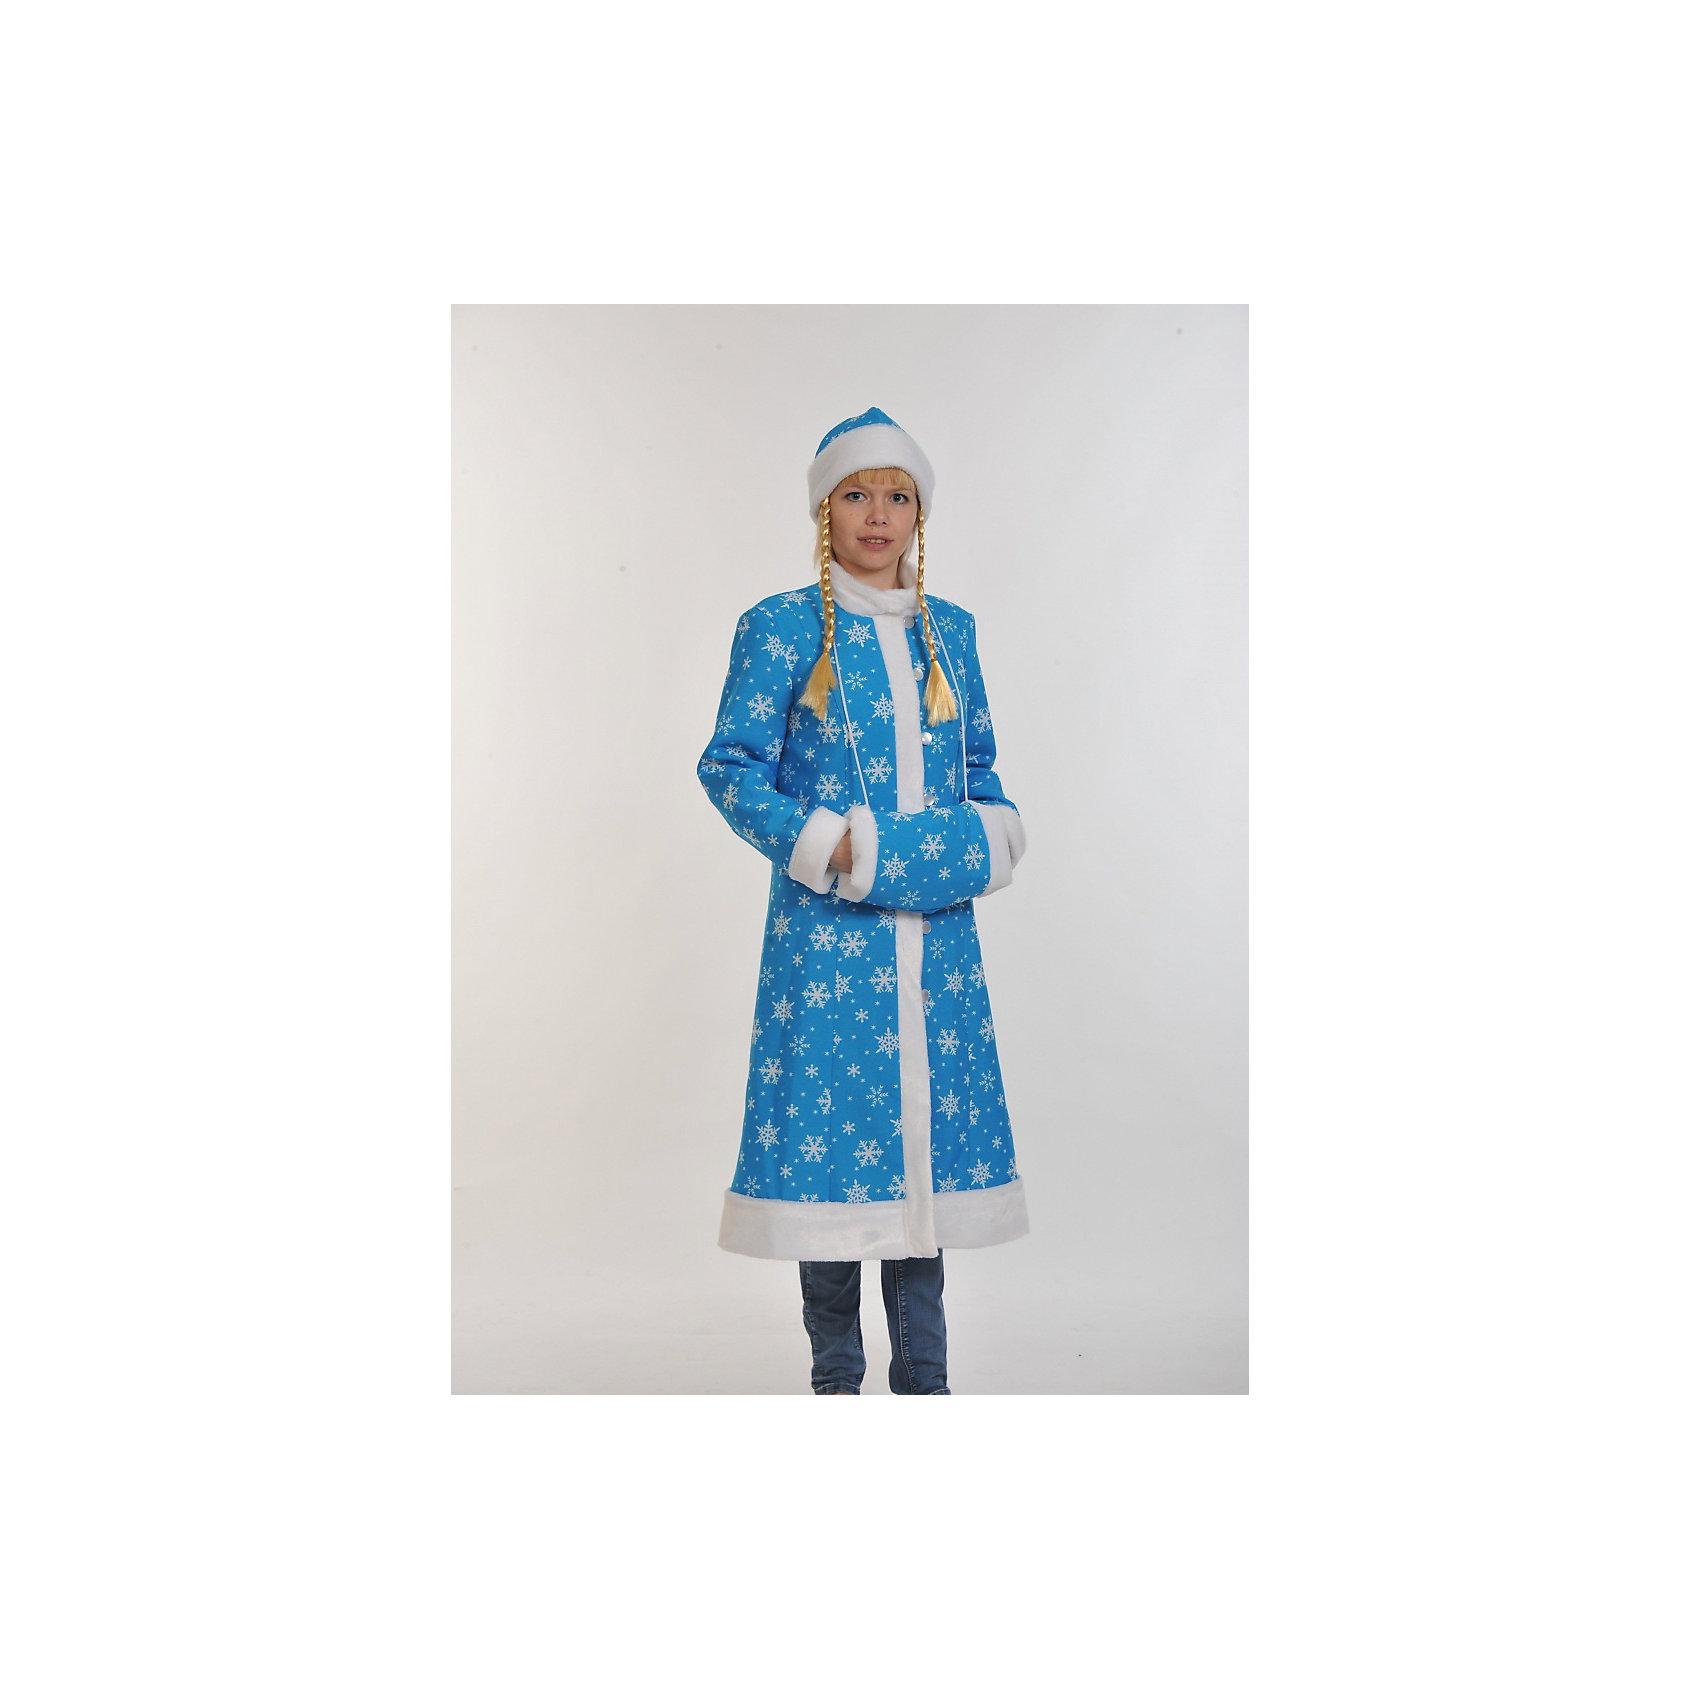 Костюм Снегурочка МИДИ, размер M 46-48/170, КарнавалоффХарактеристики товара:<br><br>• цвет: голубой<br>• комплектация: шуба, шапка с косичками, муфта<br>• материал: текстиль, плюш<br>• для праздников и постановок<br>• упаковка: пакет<br>• размер: М 46-48/170<br>• страна бренда: Российская Федерация<br>• страна изготовитель: Российская Федерация<br><br>Новогодние праздники в России невозможны без Снегурочки. Легко перевоплотиться в неё можно, надев маскарадный костюм. Этот набор состоит из привычных предметов, в него входят шуба, шапка с косичками, муфта.<br>Костюм - среднего размера, поэтому подойдёт многим. Изделия удобно сидят и позволяют активно принимать участие в постановке или празднике. Модель хорошо проработана, сшита из качественных и проверенных материалов, которые безопасны для детей.<br><br>Костюм Снегурочка МИДИ, размер M 46-48/170,, от бренда Карнавалофф можно купить в нашем интернет-магазине.<br><br>Ширина мм: 260<br>Глубина мм: 440<br>Высота мм: 70<br>Вес г: 720<br>Возраст от месяцев: 60<br>Возраст до месяцев: 120<br>Пол: Женский<br>Возраст: Детский<br>SKU: 5177219